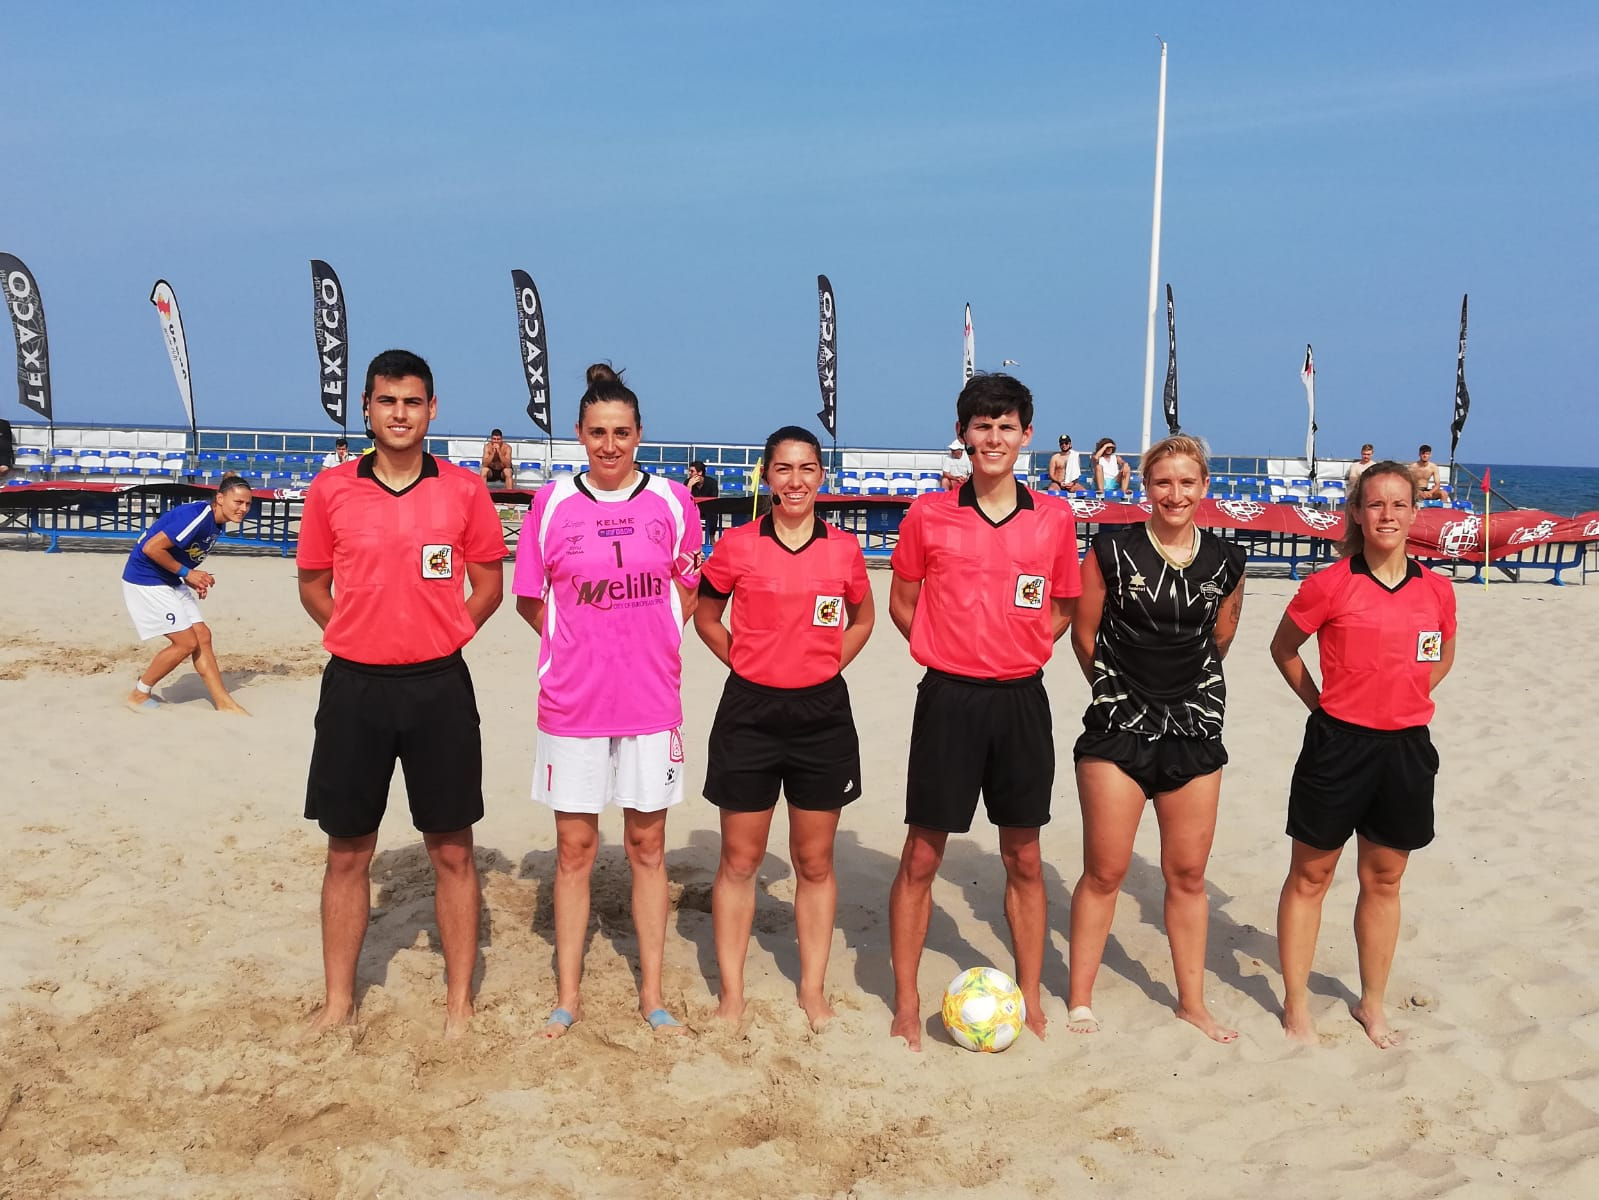 Joana en la Copa RFEF de fútbol playa